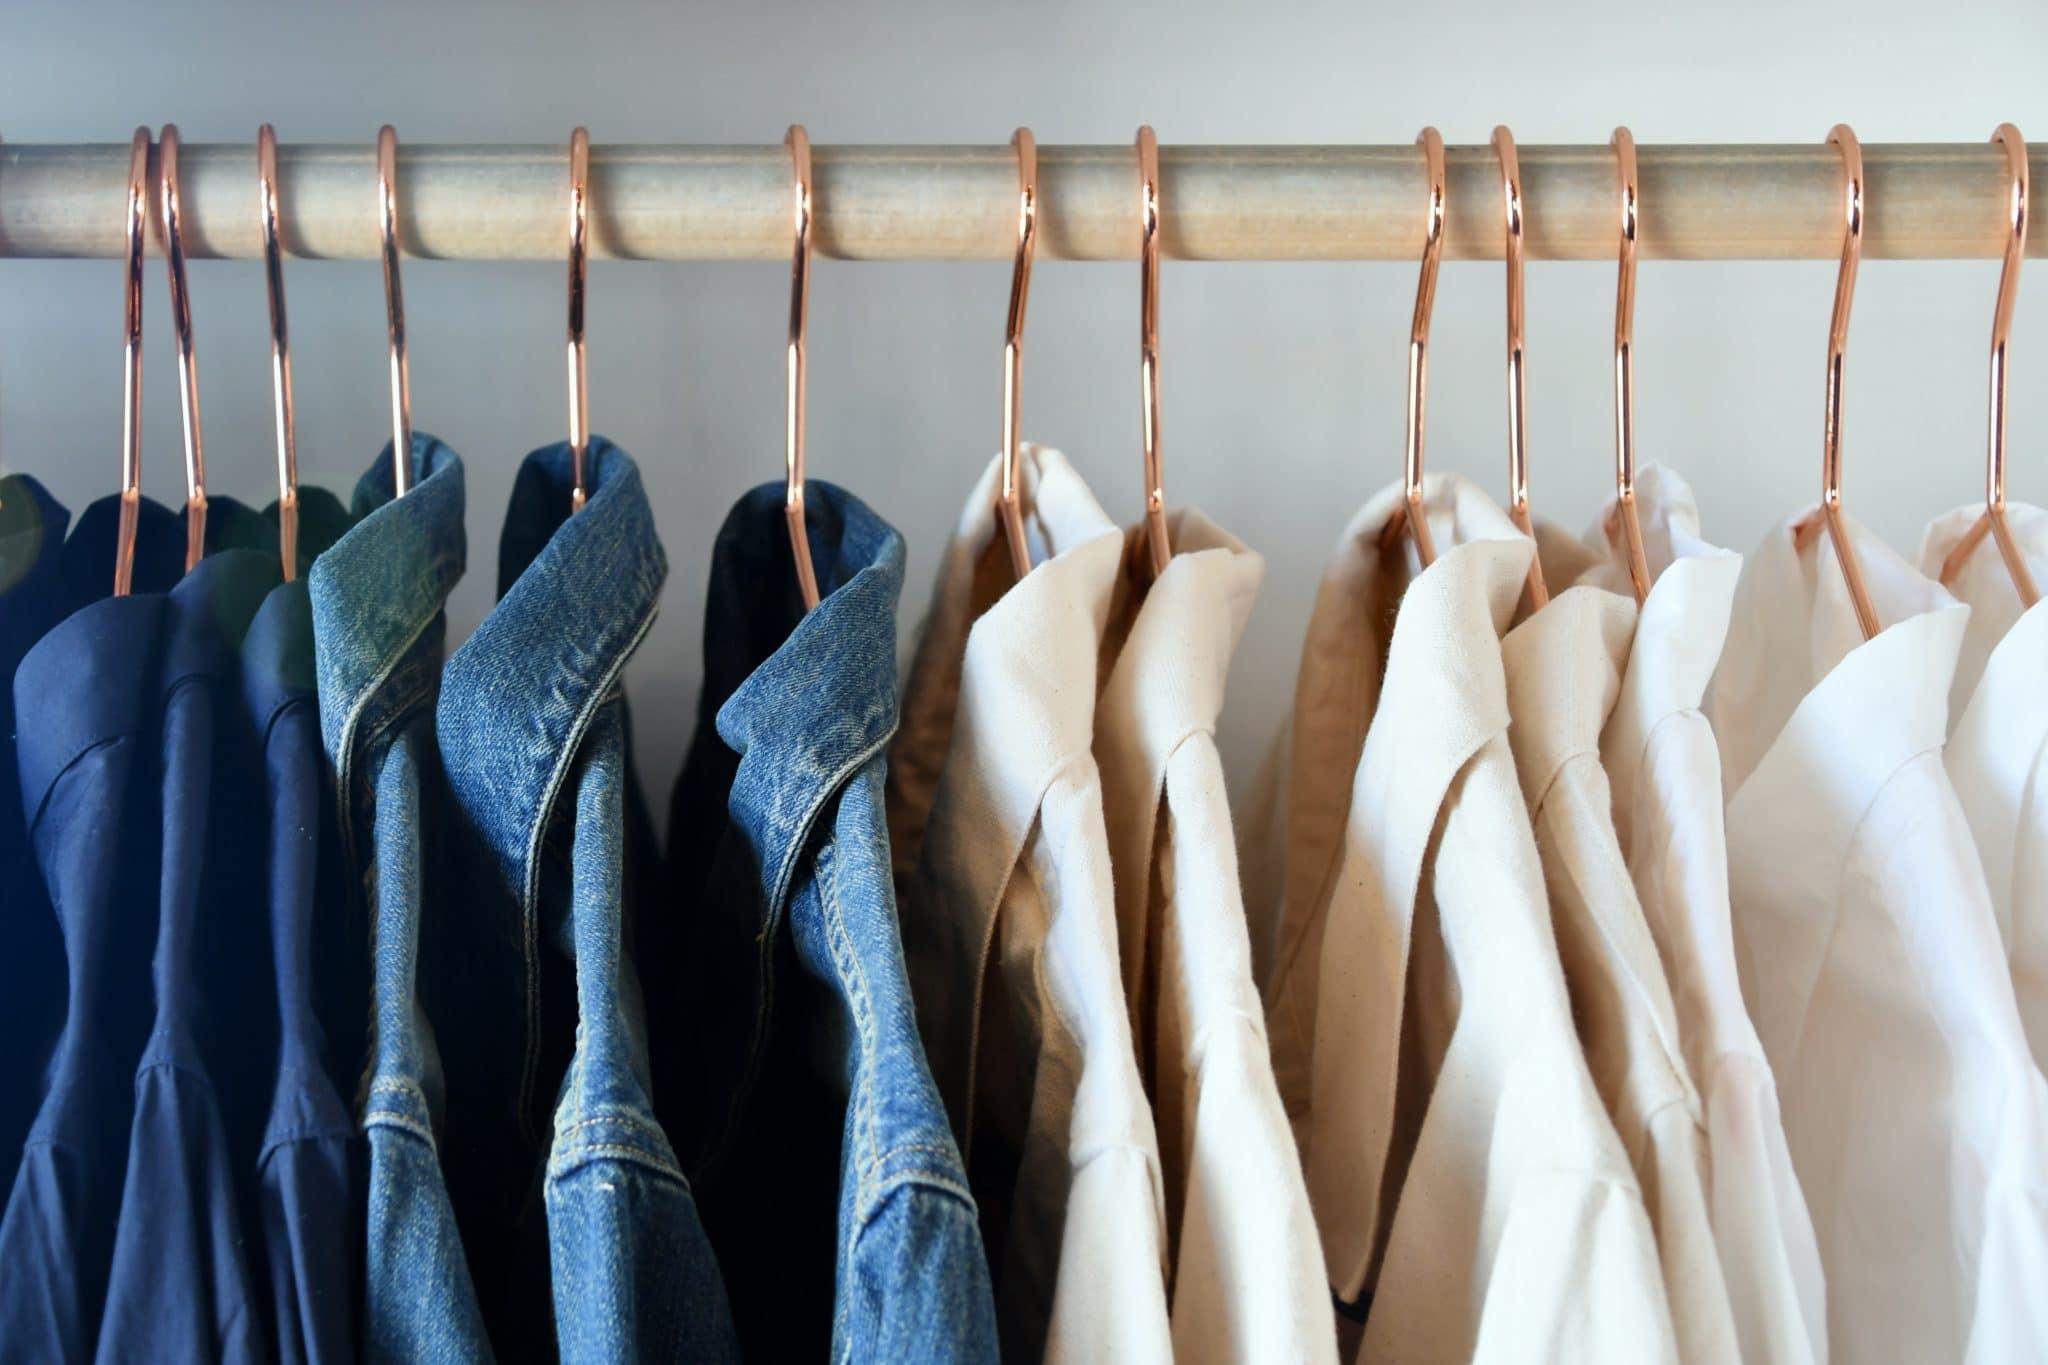 Vêtements posés sur cintre